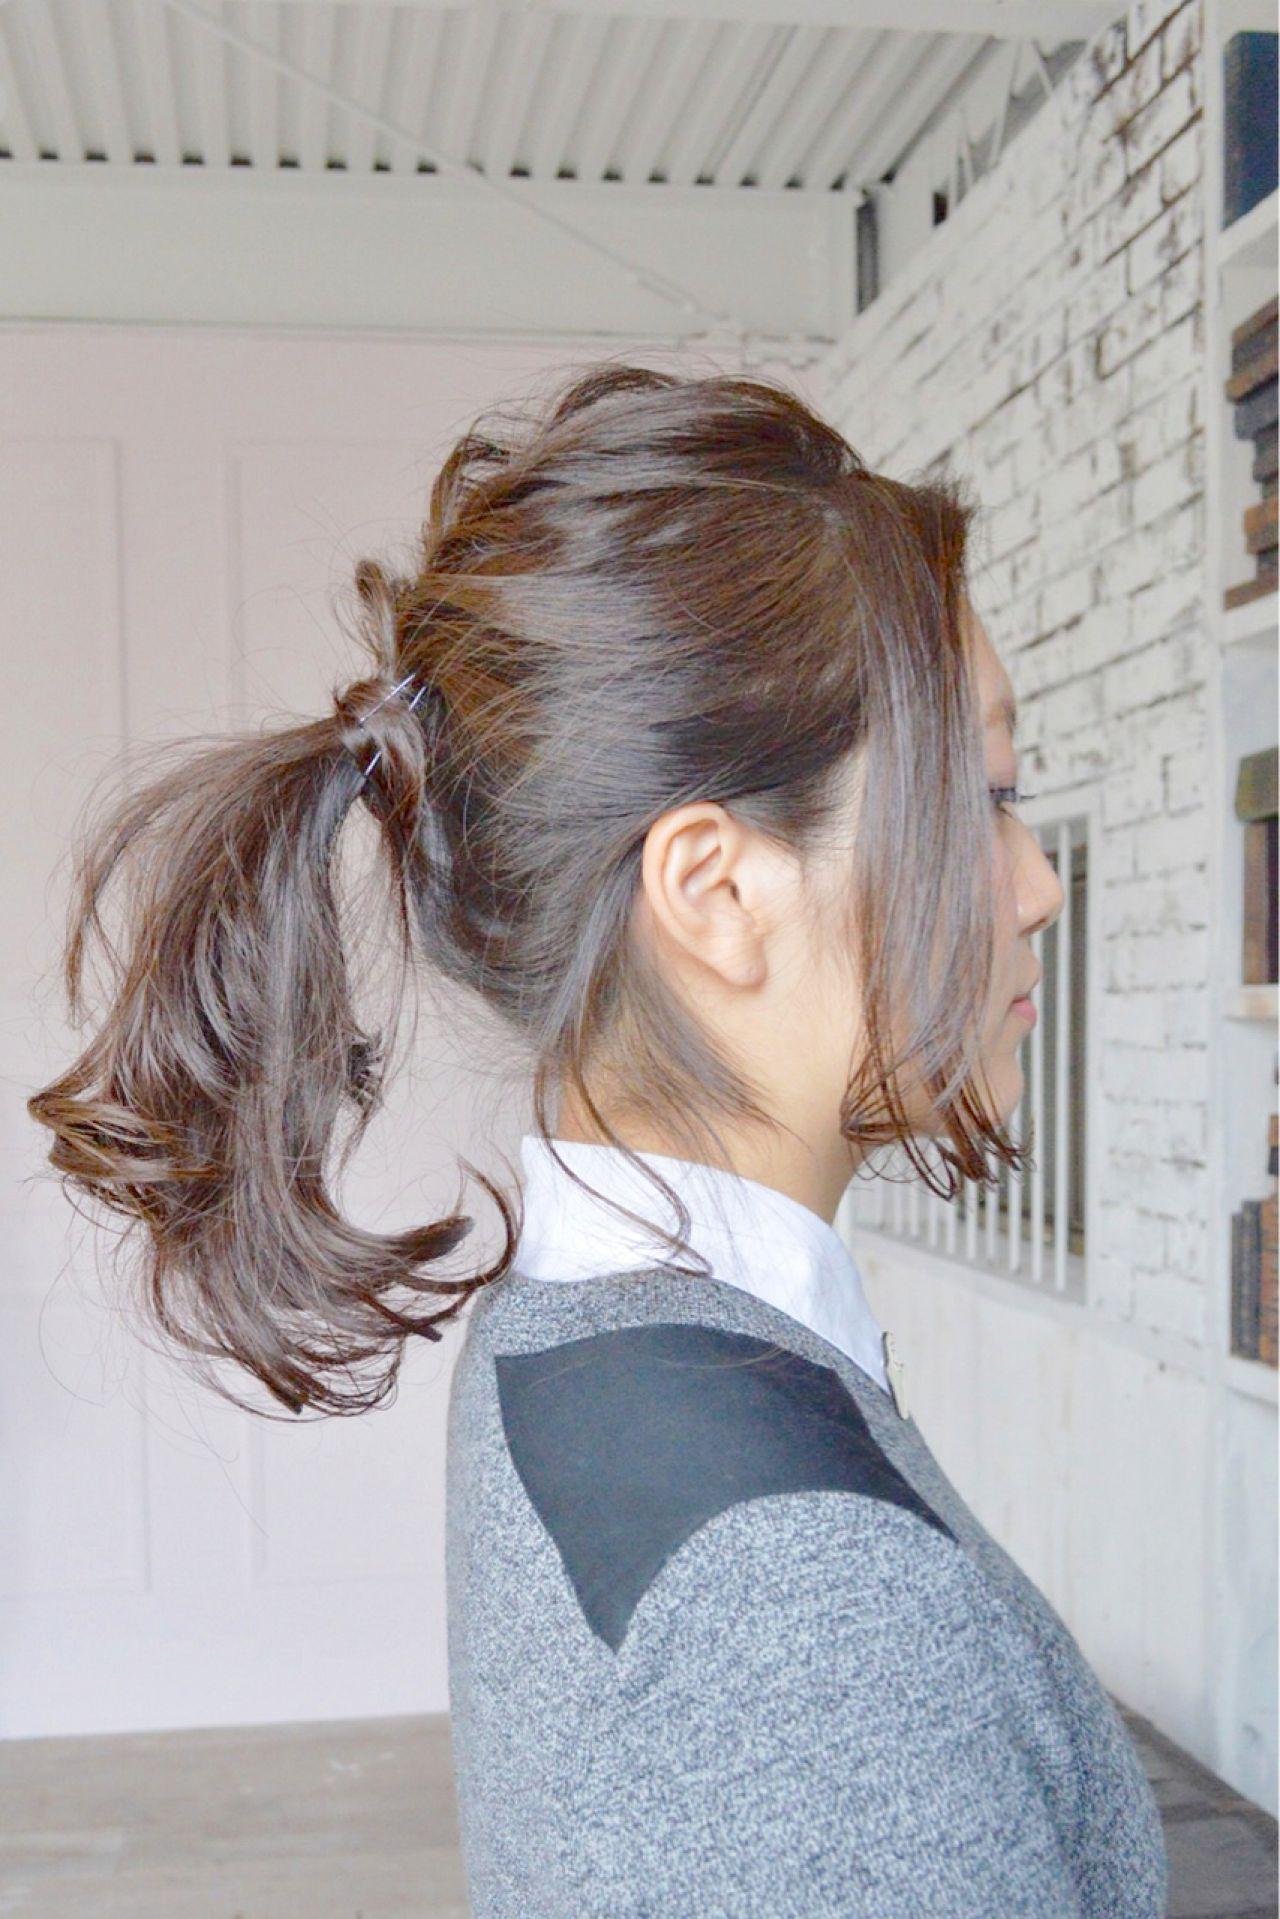 ロングヘアを最大限に活かす。ポニーテール×ヘアアクセで男性ウケ抜群アレンジ  加山 暸汰